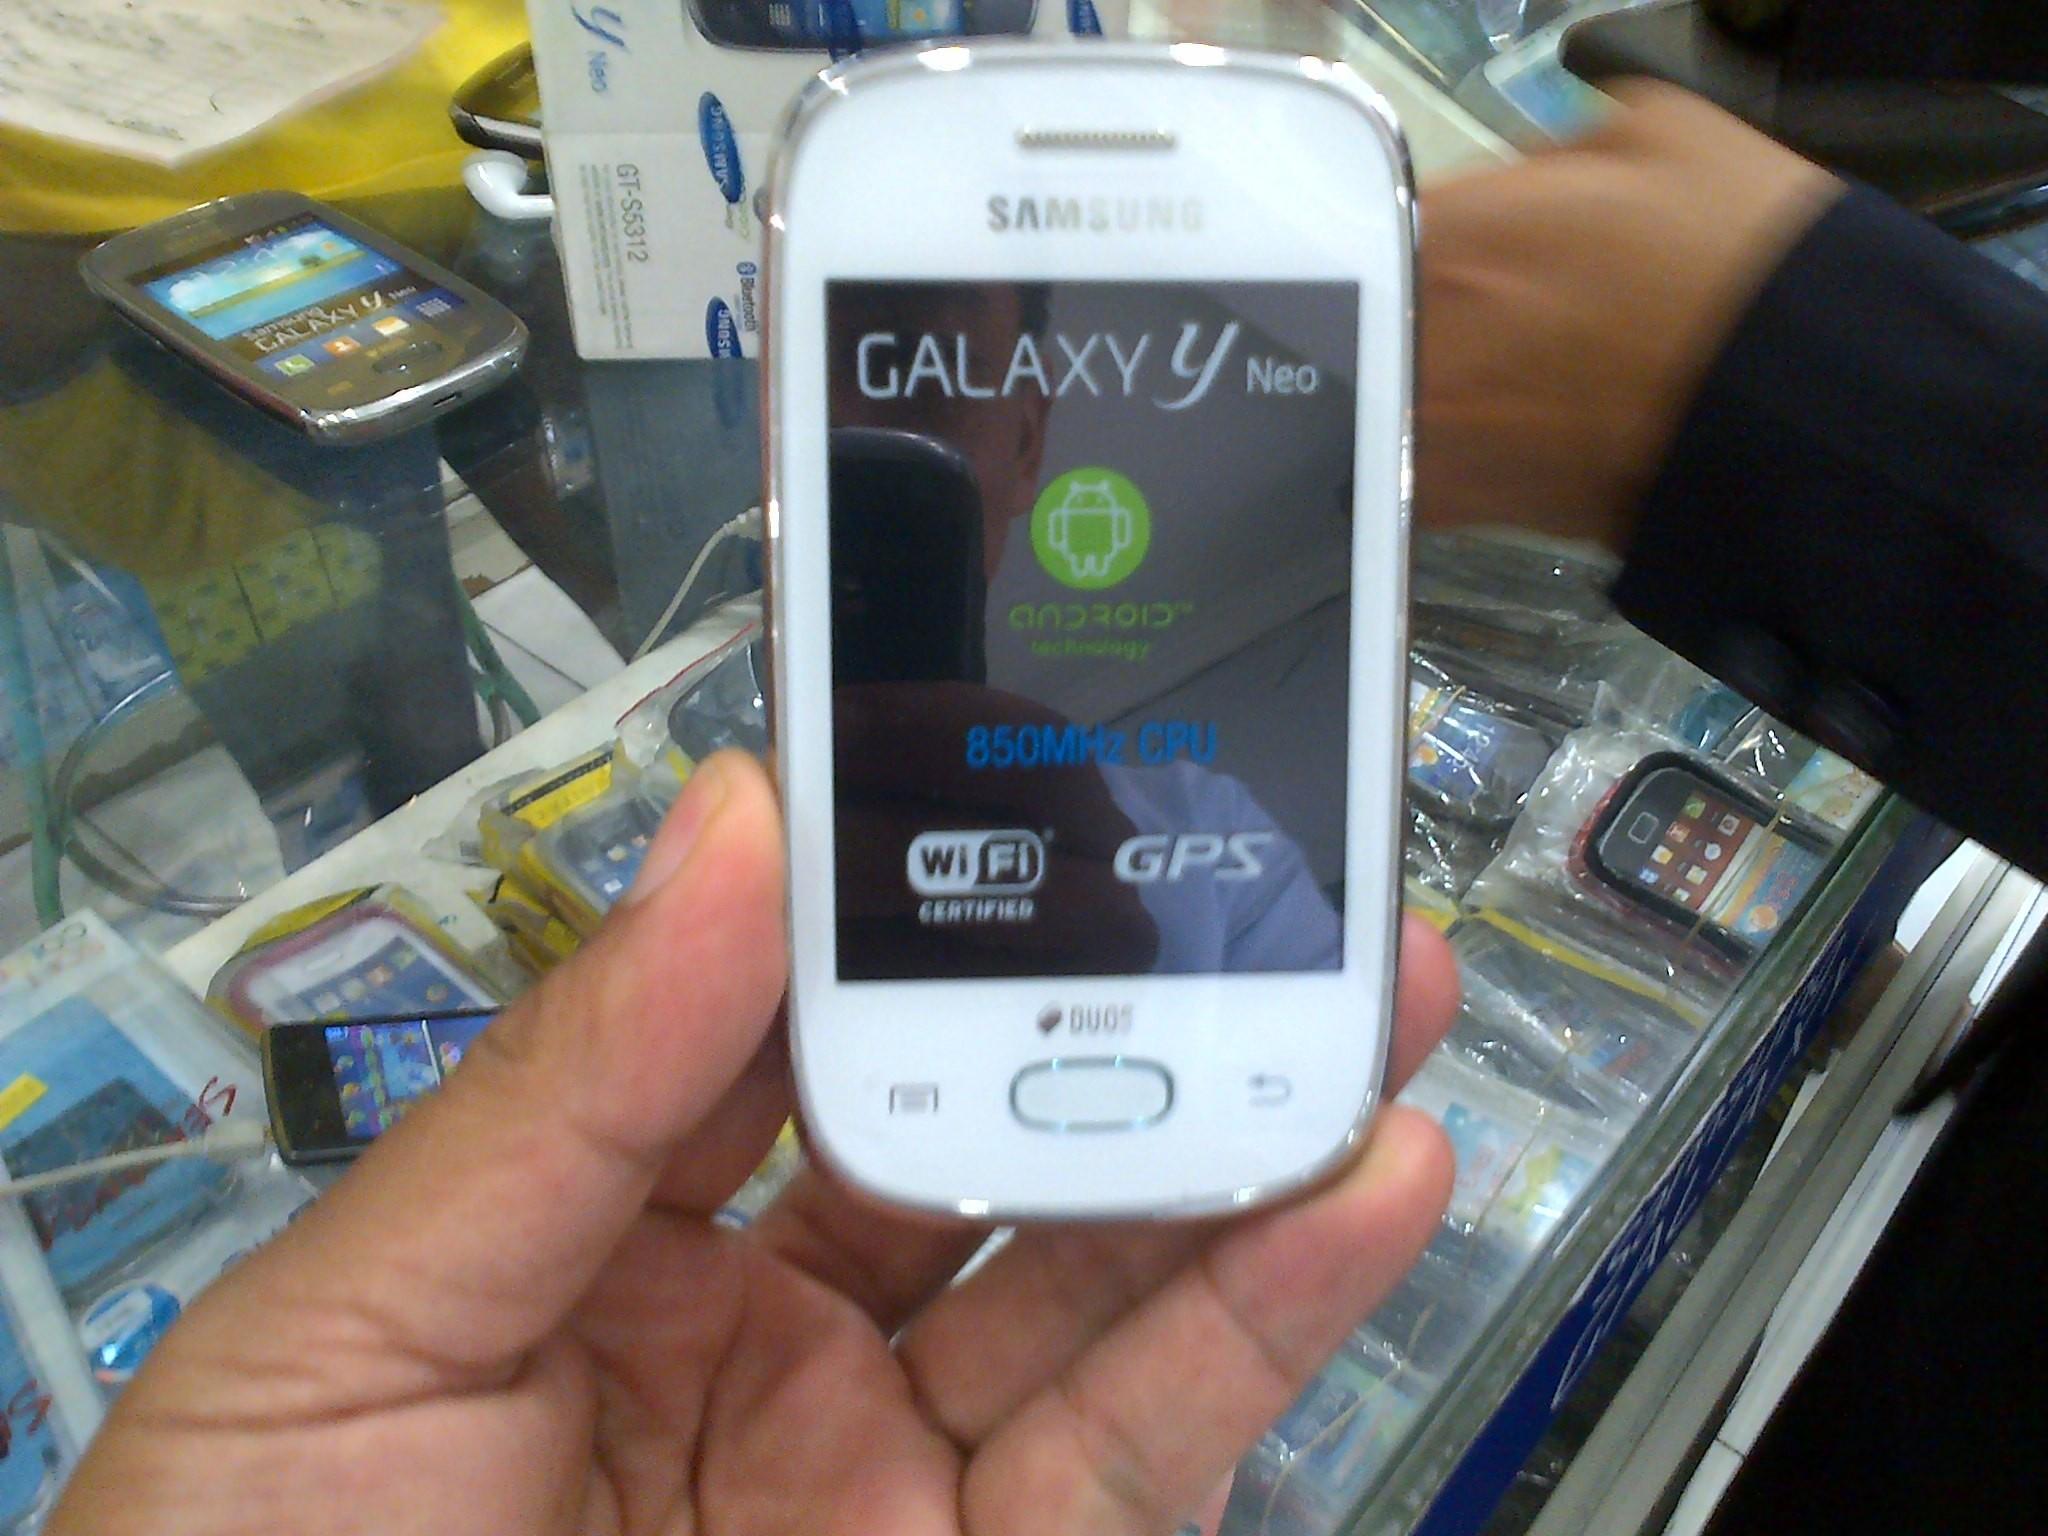 Samsung Galaxy Y Neo S5312 4gb Putih Daftar Harga Terbaru Dan Hp Strawberry Seken Jual Smartphone Young Duos Second Bekas Miftah Cellular